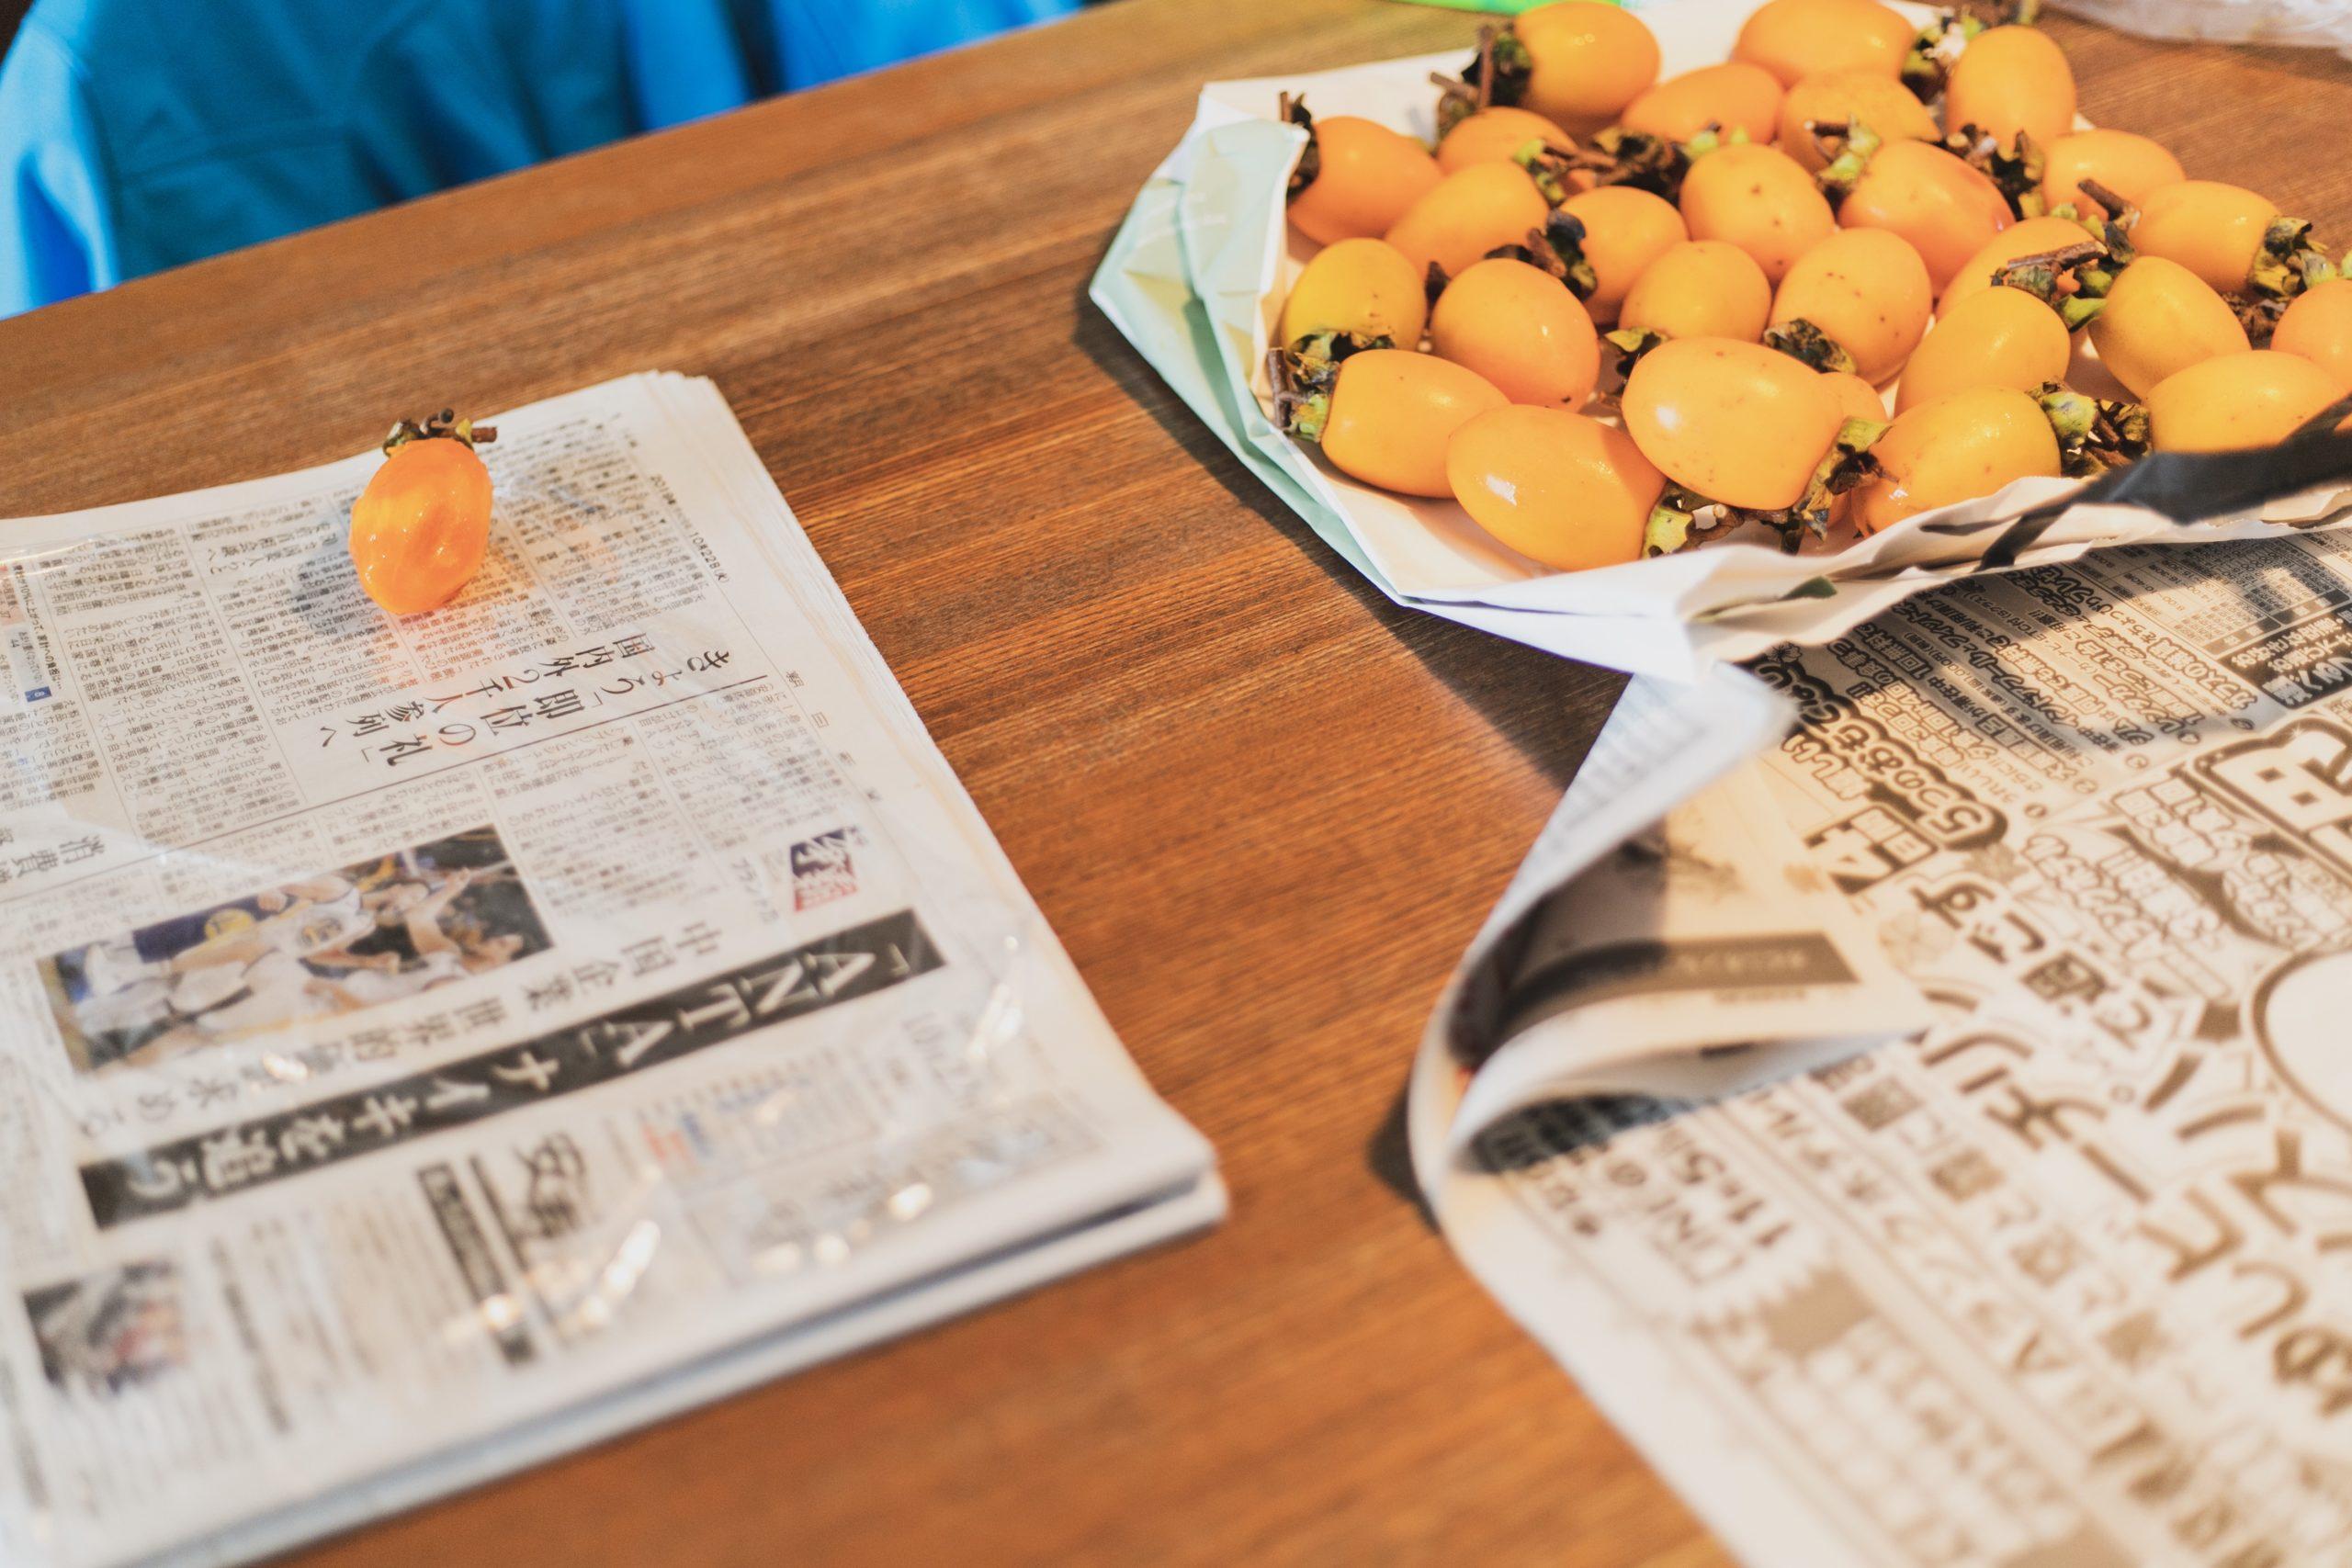 2019年9月22日干し柿作り記録写真